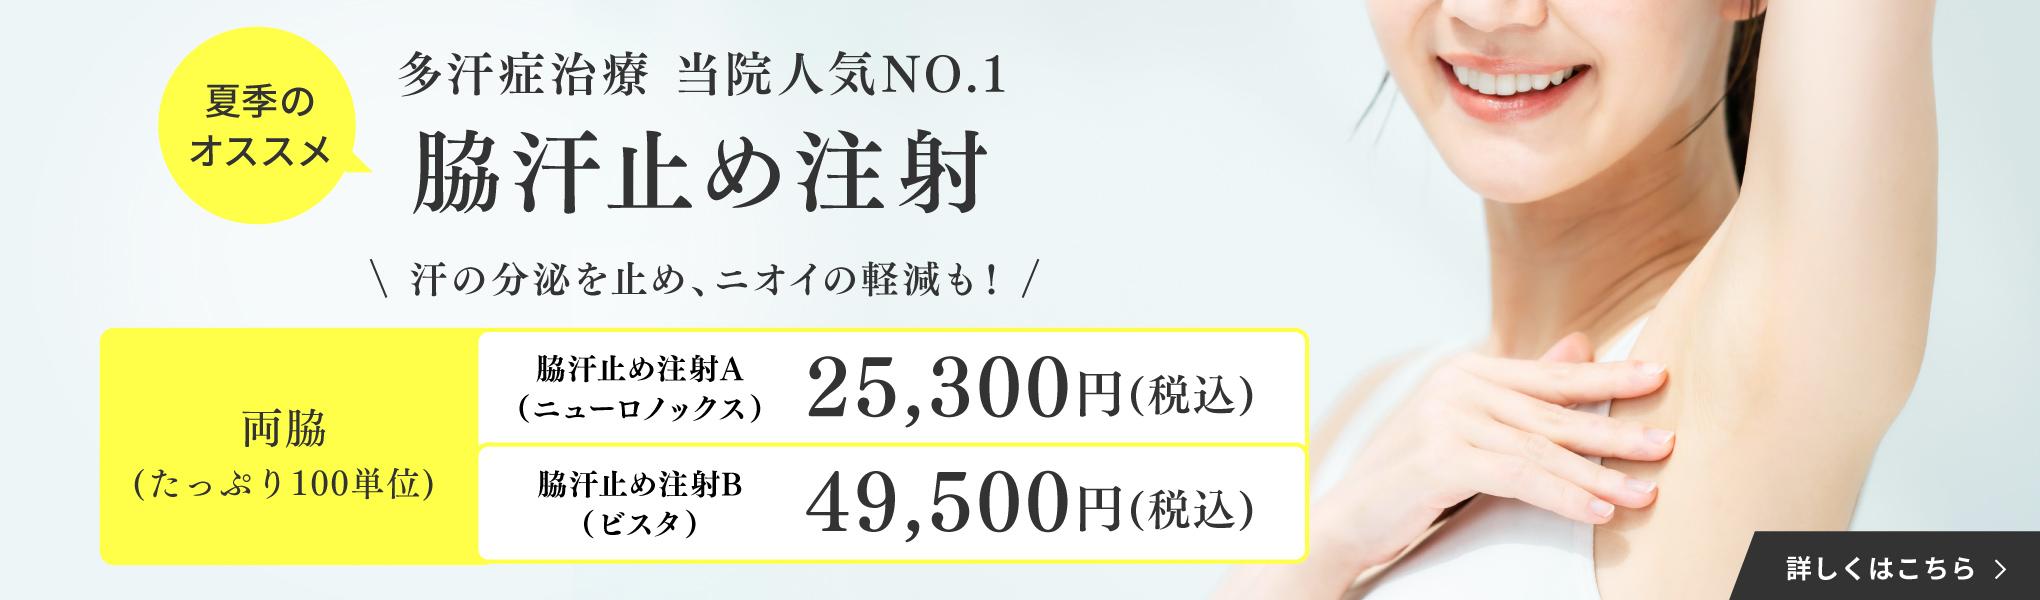 夏季限定!脇汗抑制注射キャンペーン 両脇(100単位)25,300円(税込)